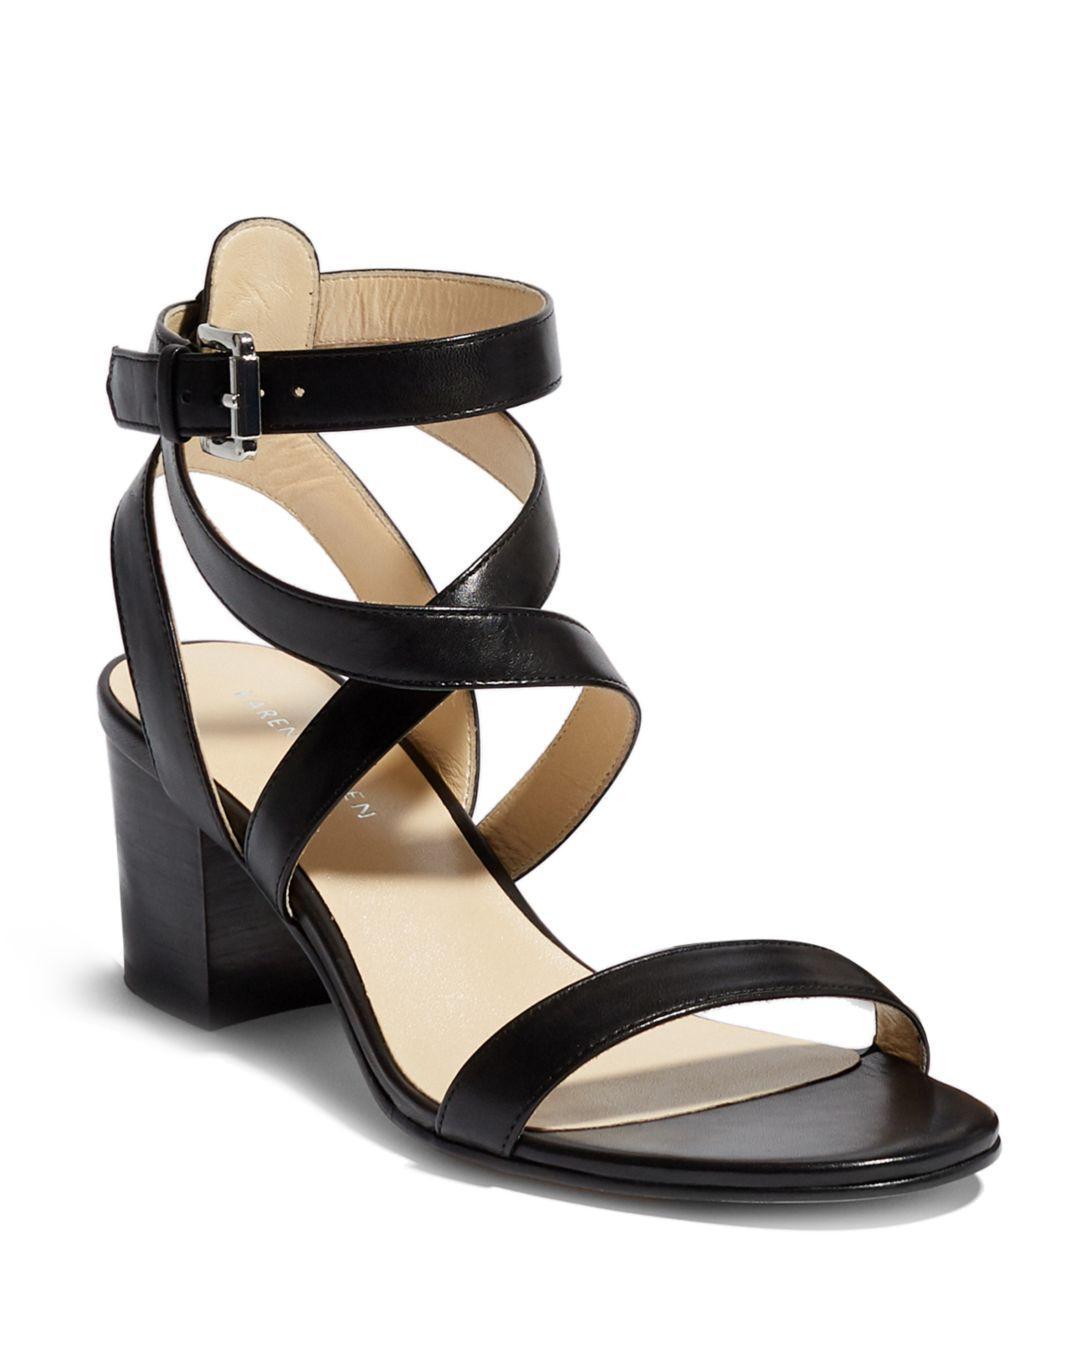 856d6a2d709 Lyst - Karen Millen Women s Strappy Block Heel Sandals in Black